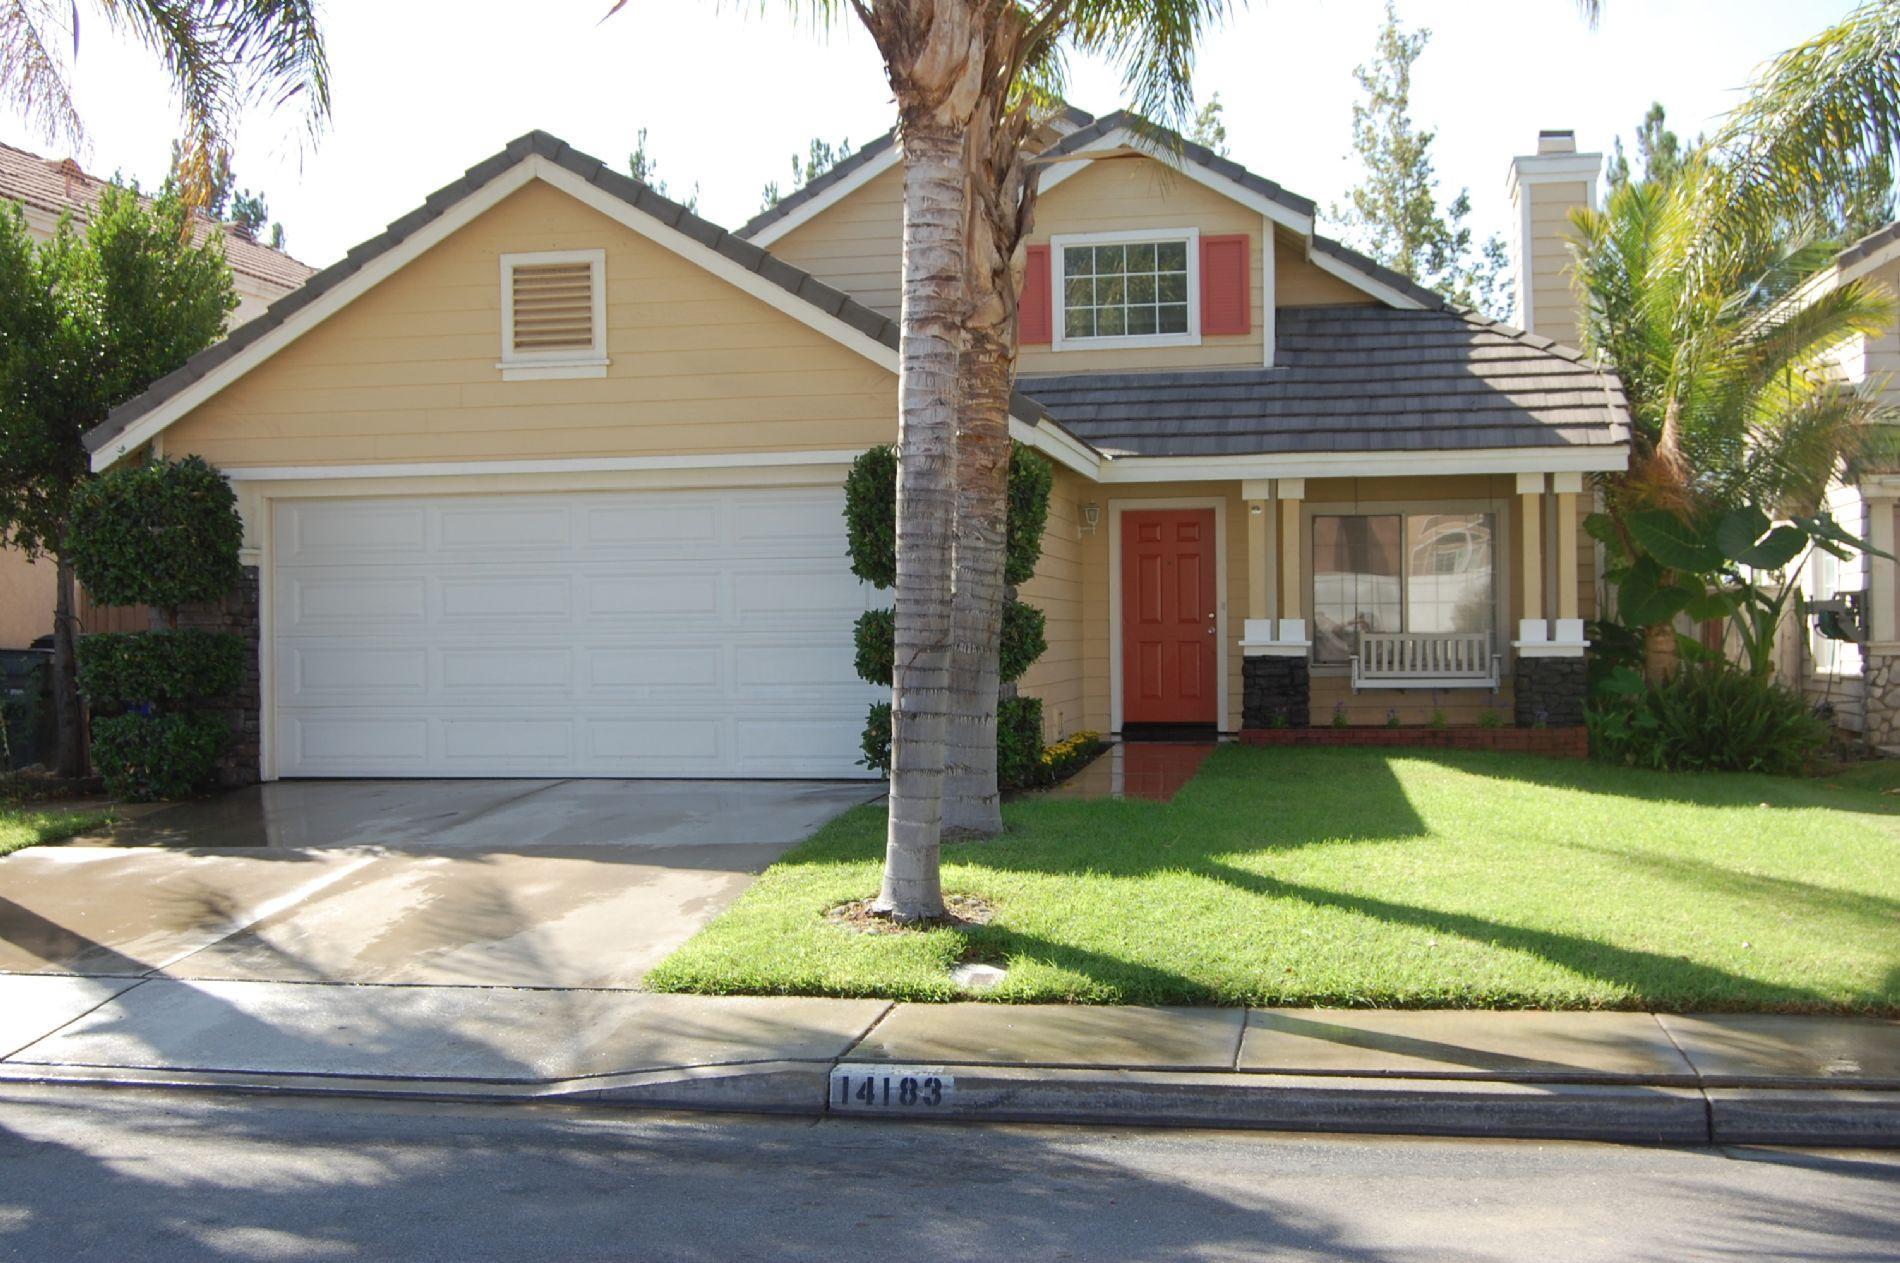 Casa Blanca Ct Fontana CA Estimate and Home